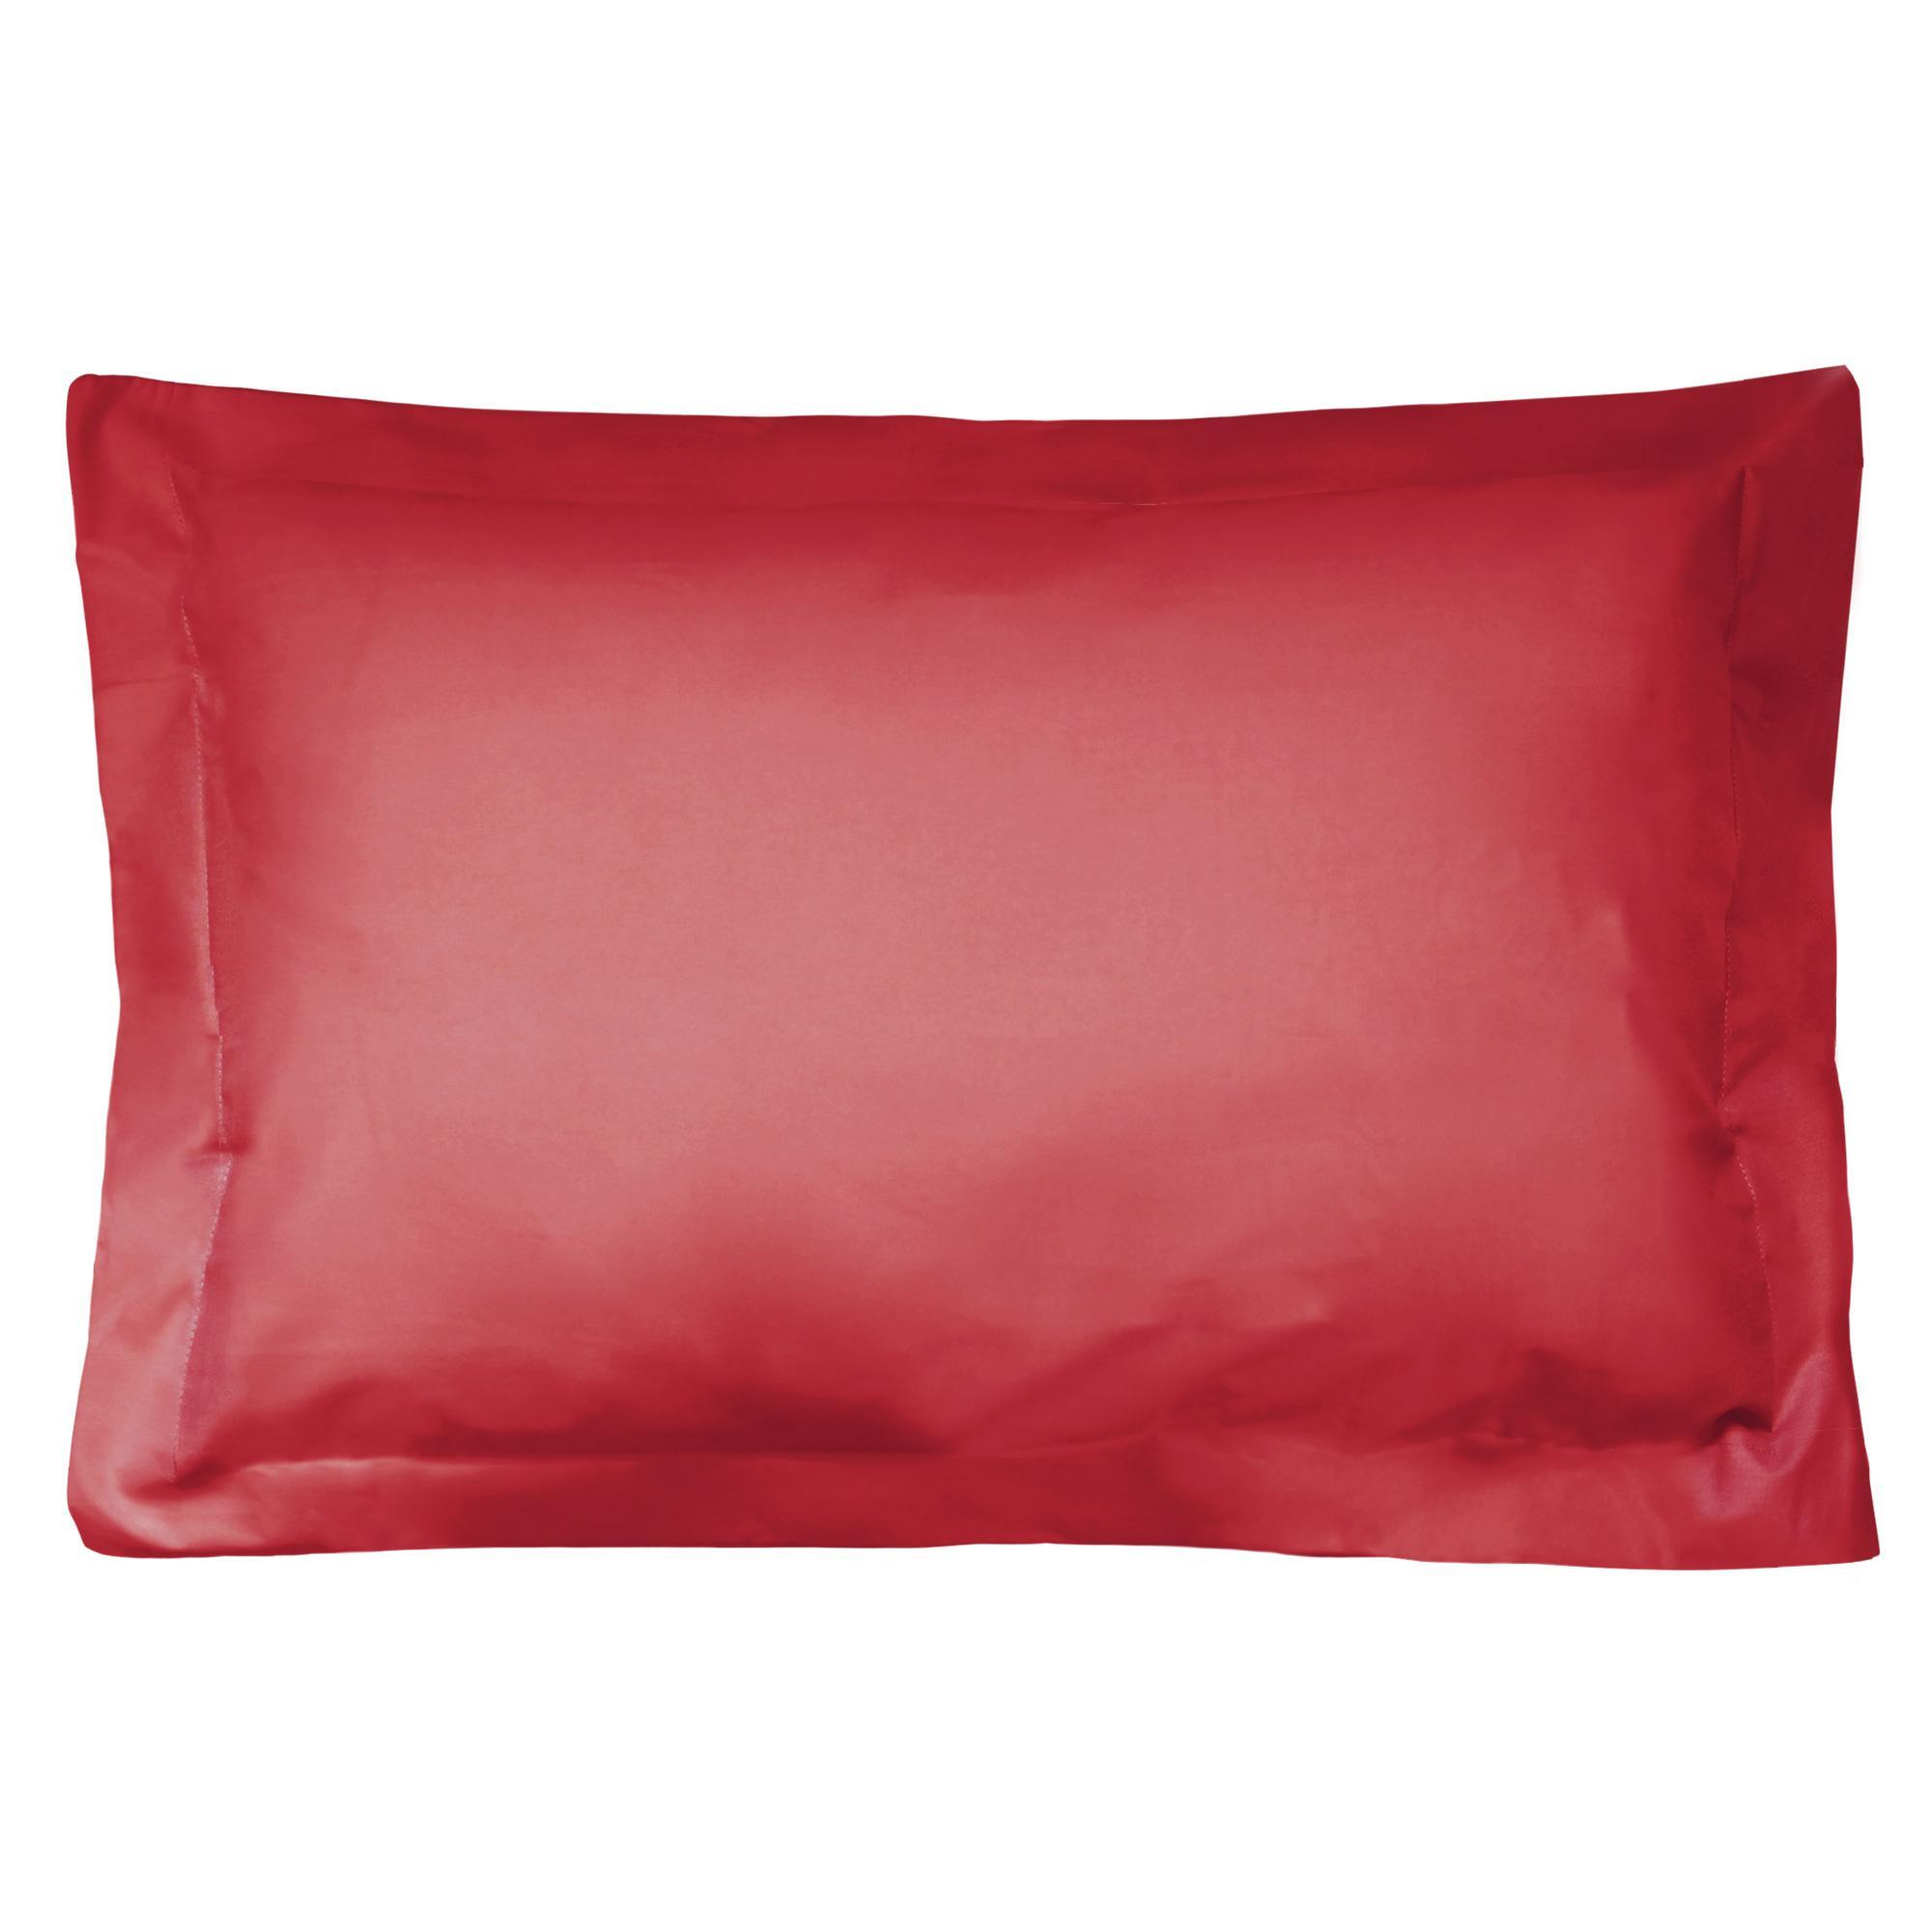 taie d 39 oreiller 80x50cm uni pur coton alto rouge garance. Black Bedroom Furniture Sets. Home Design Ideas